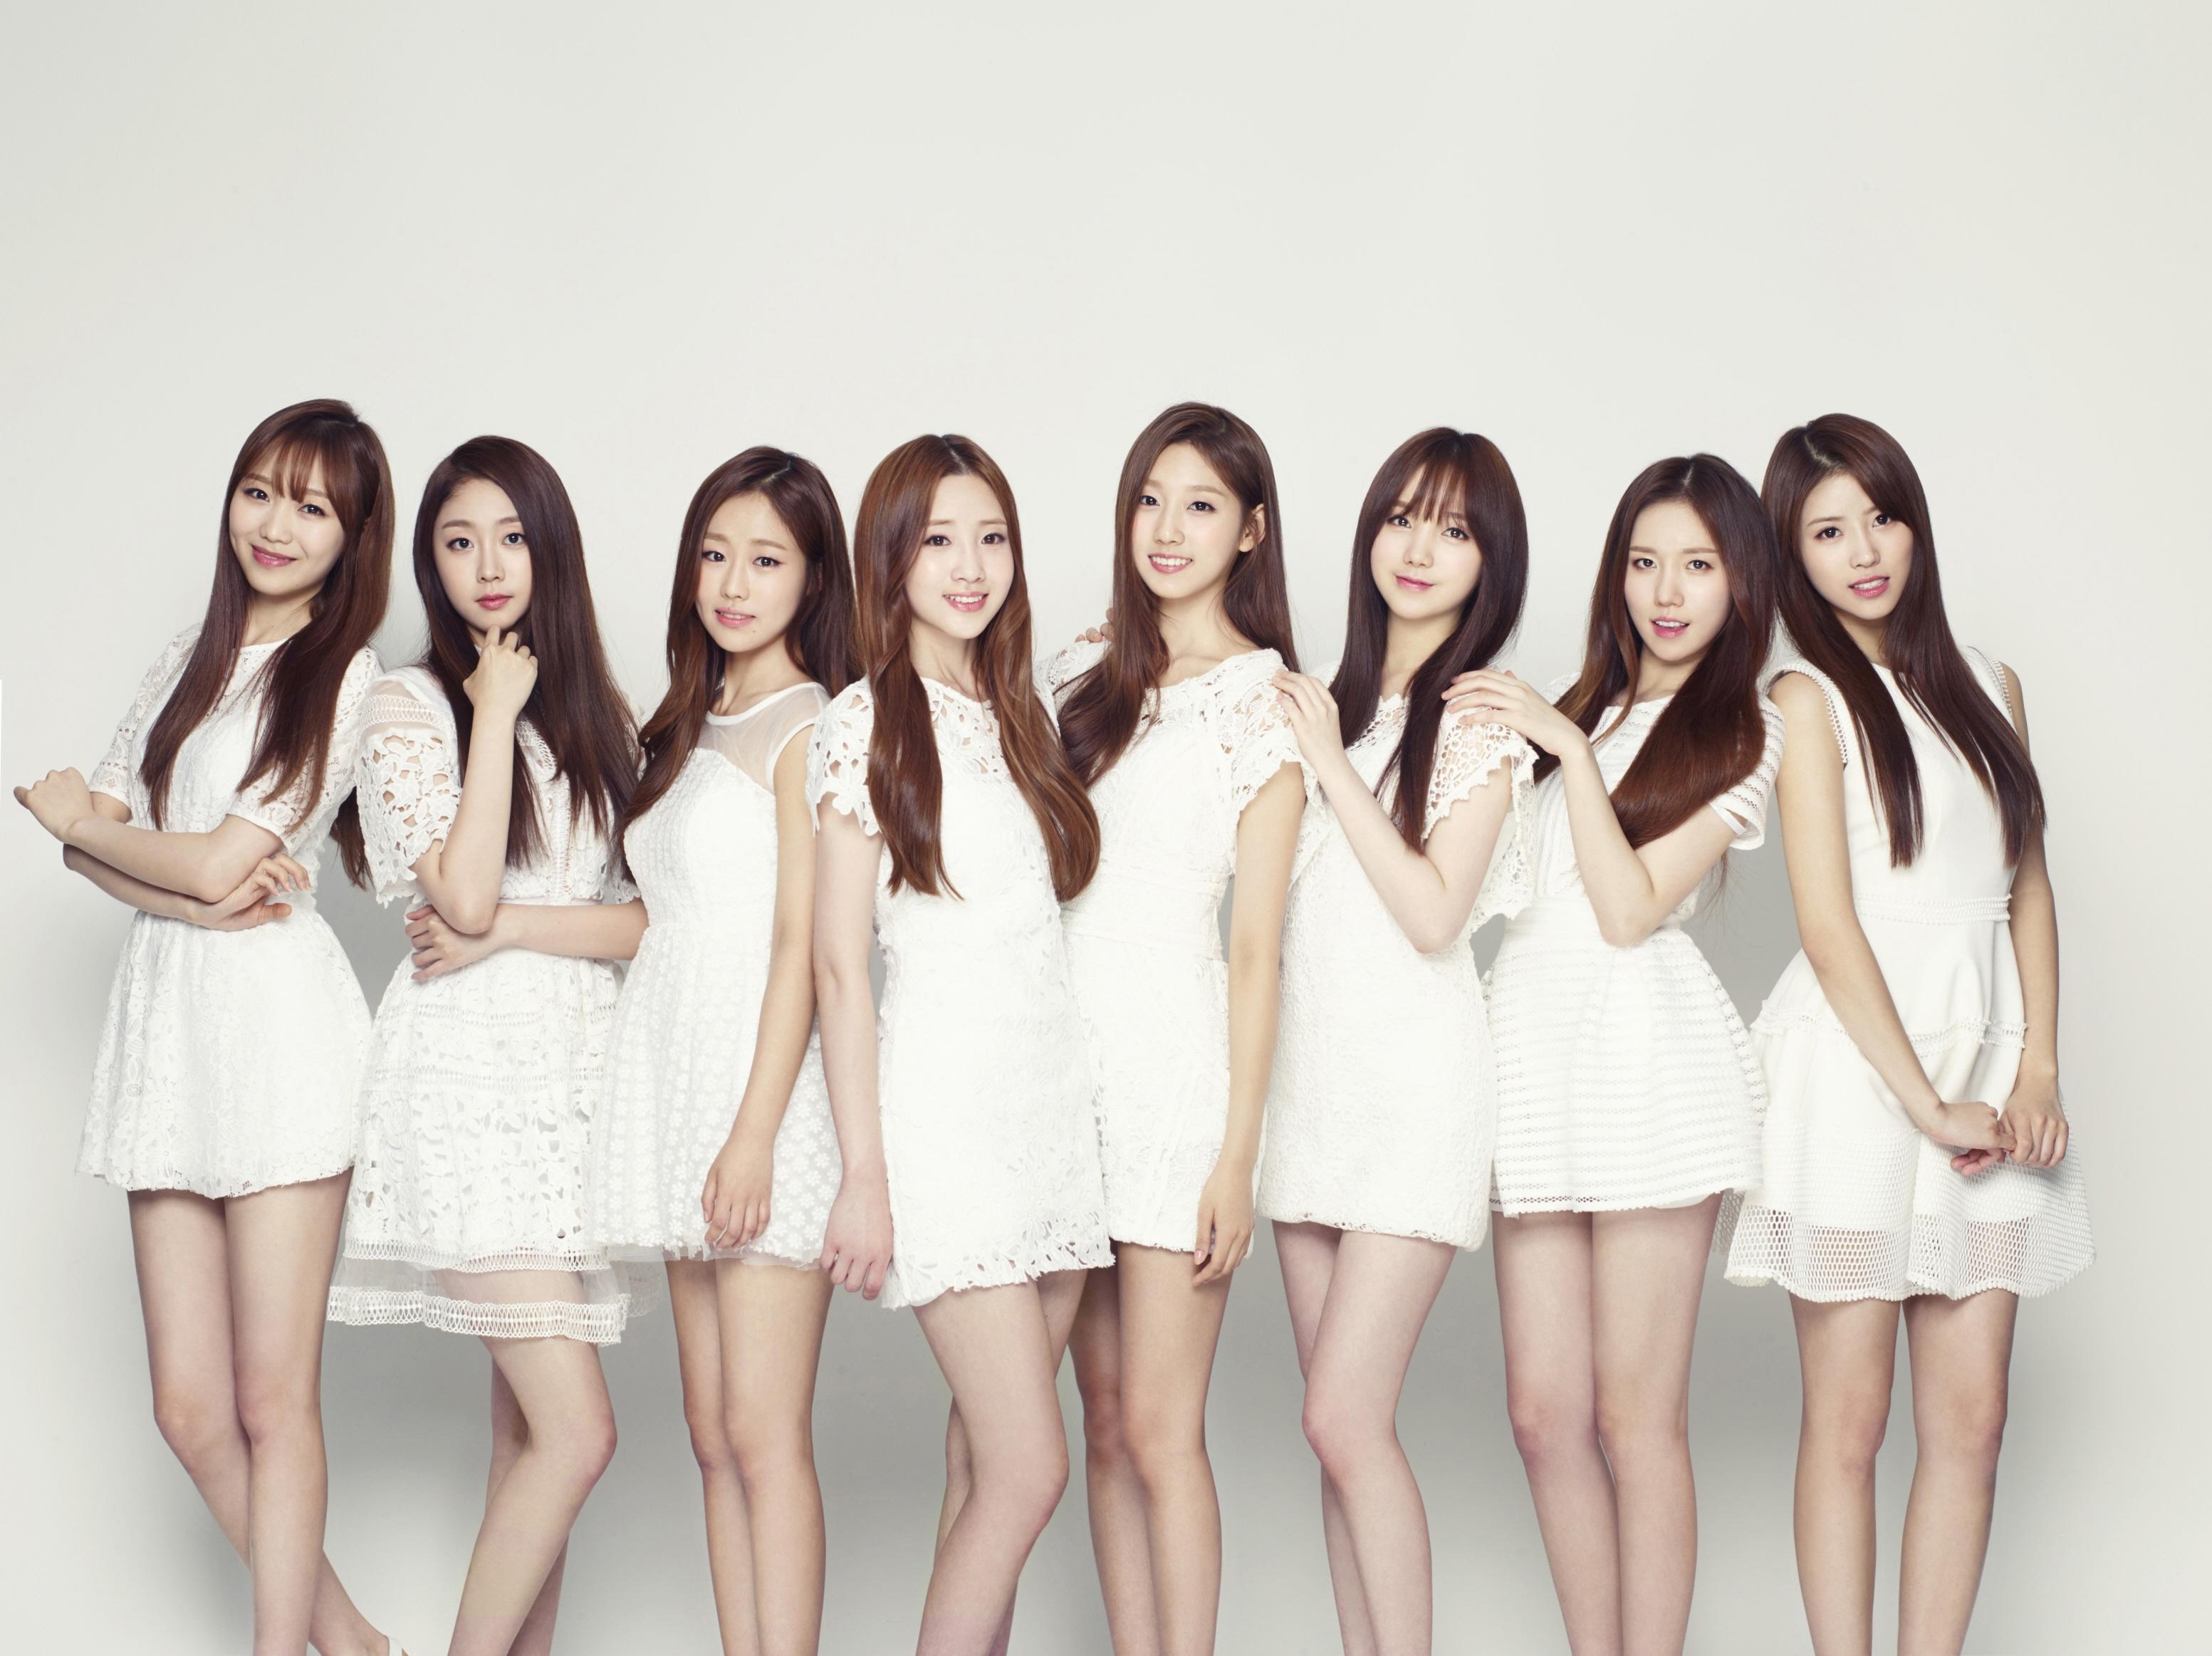 Lovelyz Wallpaper 42946 Asiachan Kpop Image Board